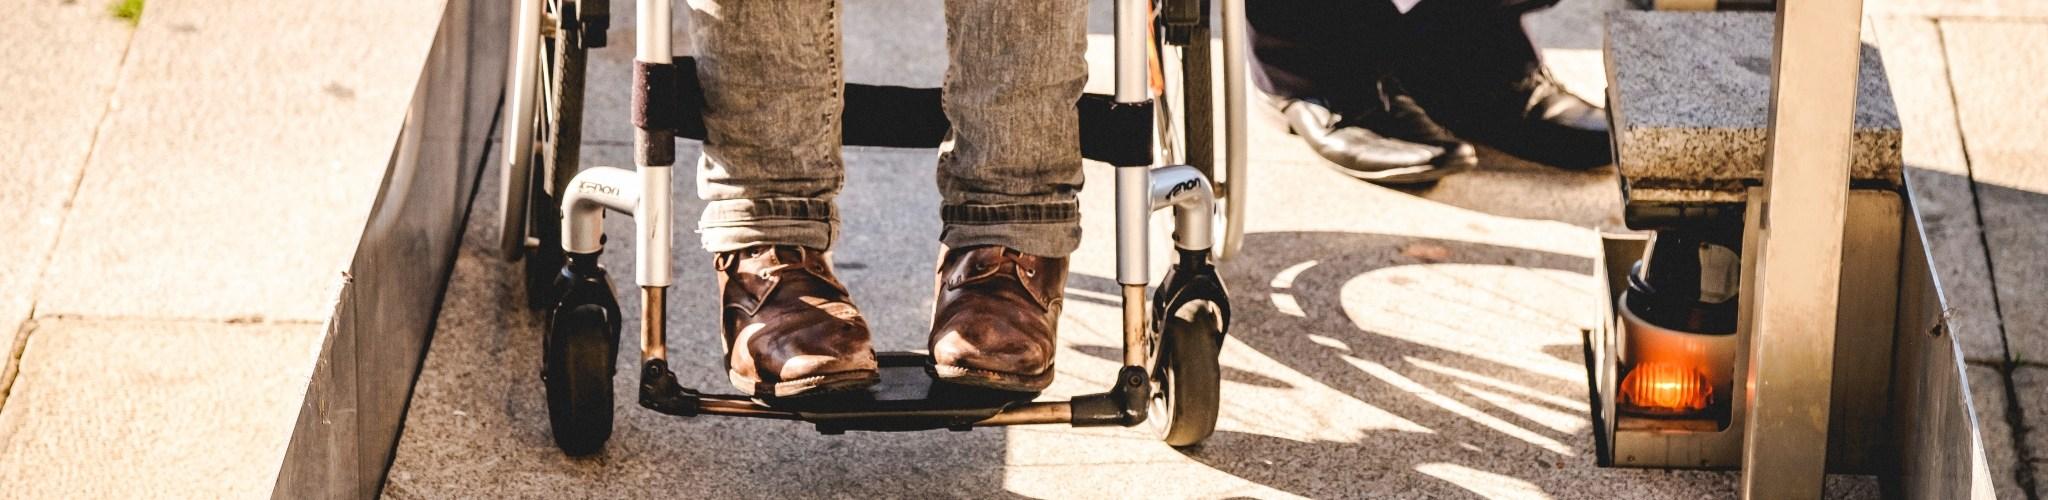 Reisen mit Behinderung in Berlin | Copyright: © visitBerlin, Foto: Andi Weiland | Gesellschaftsbilder.de